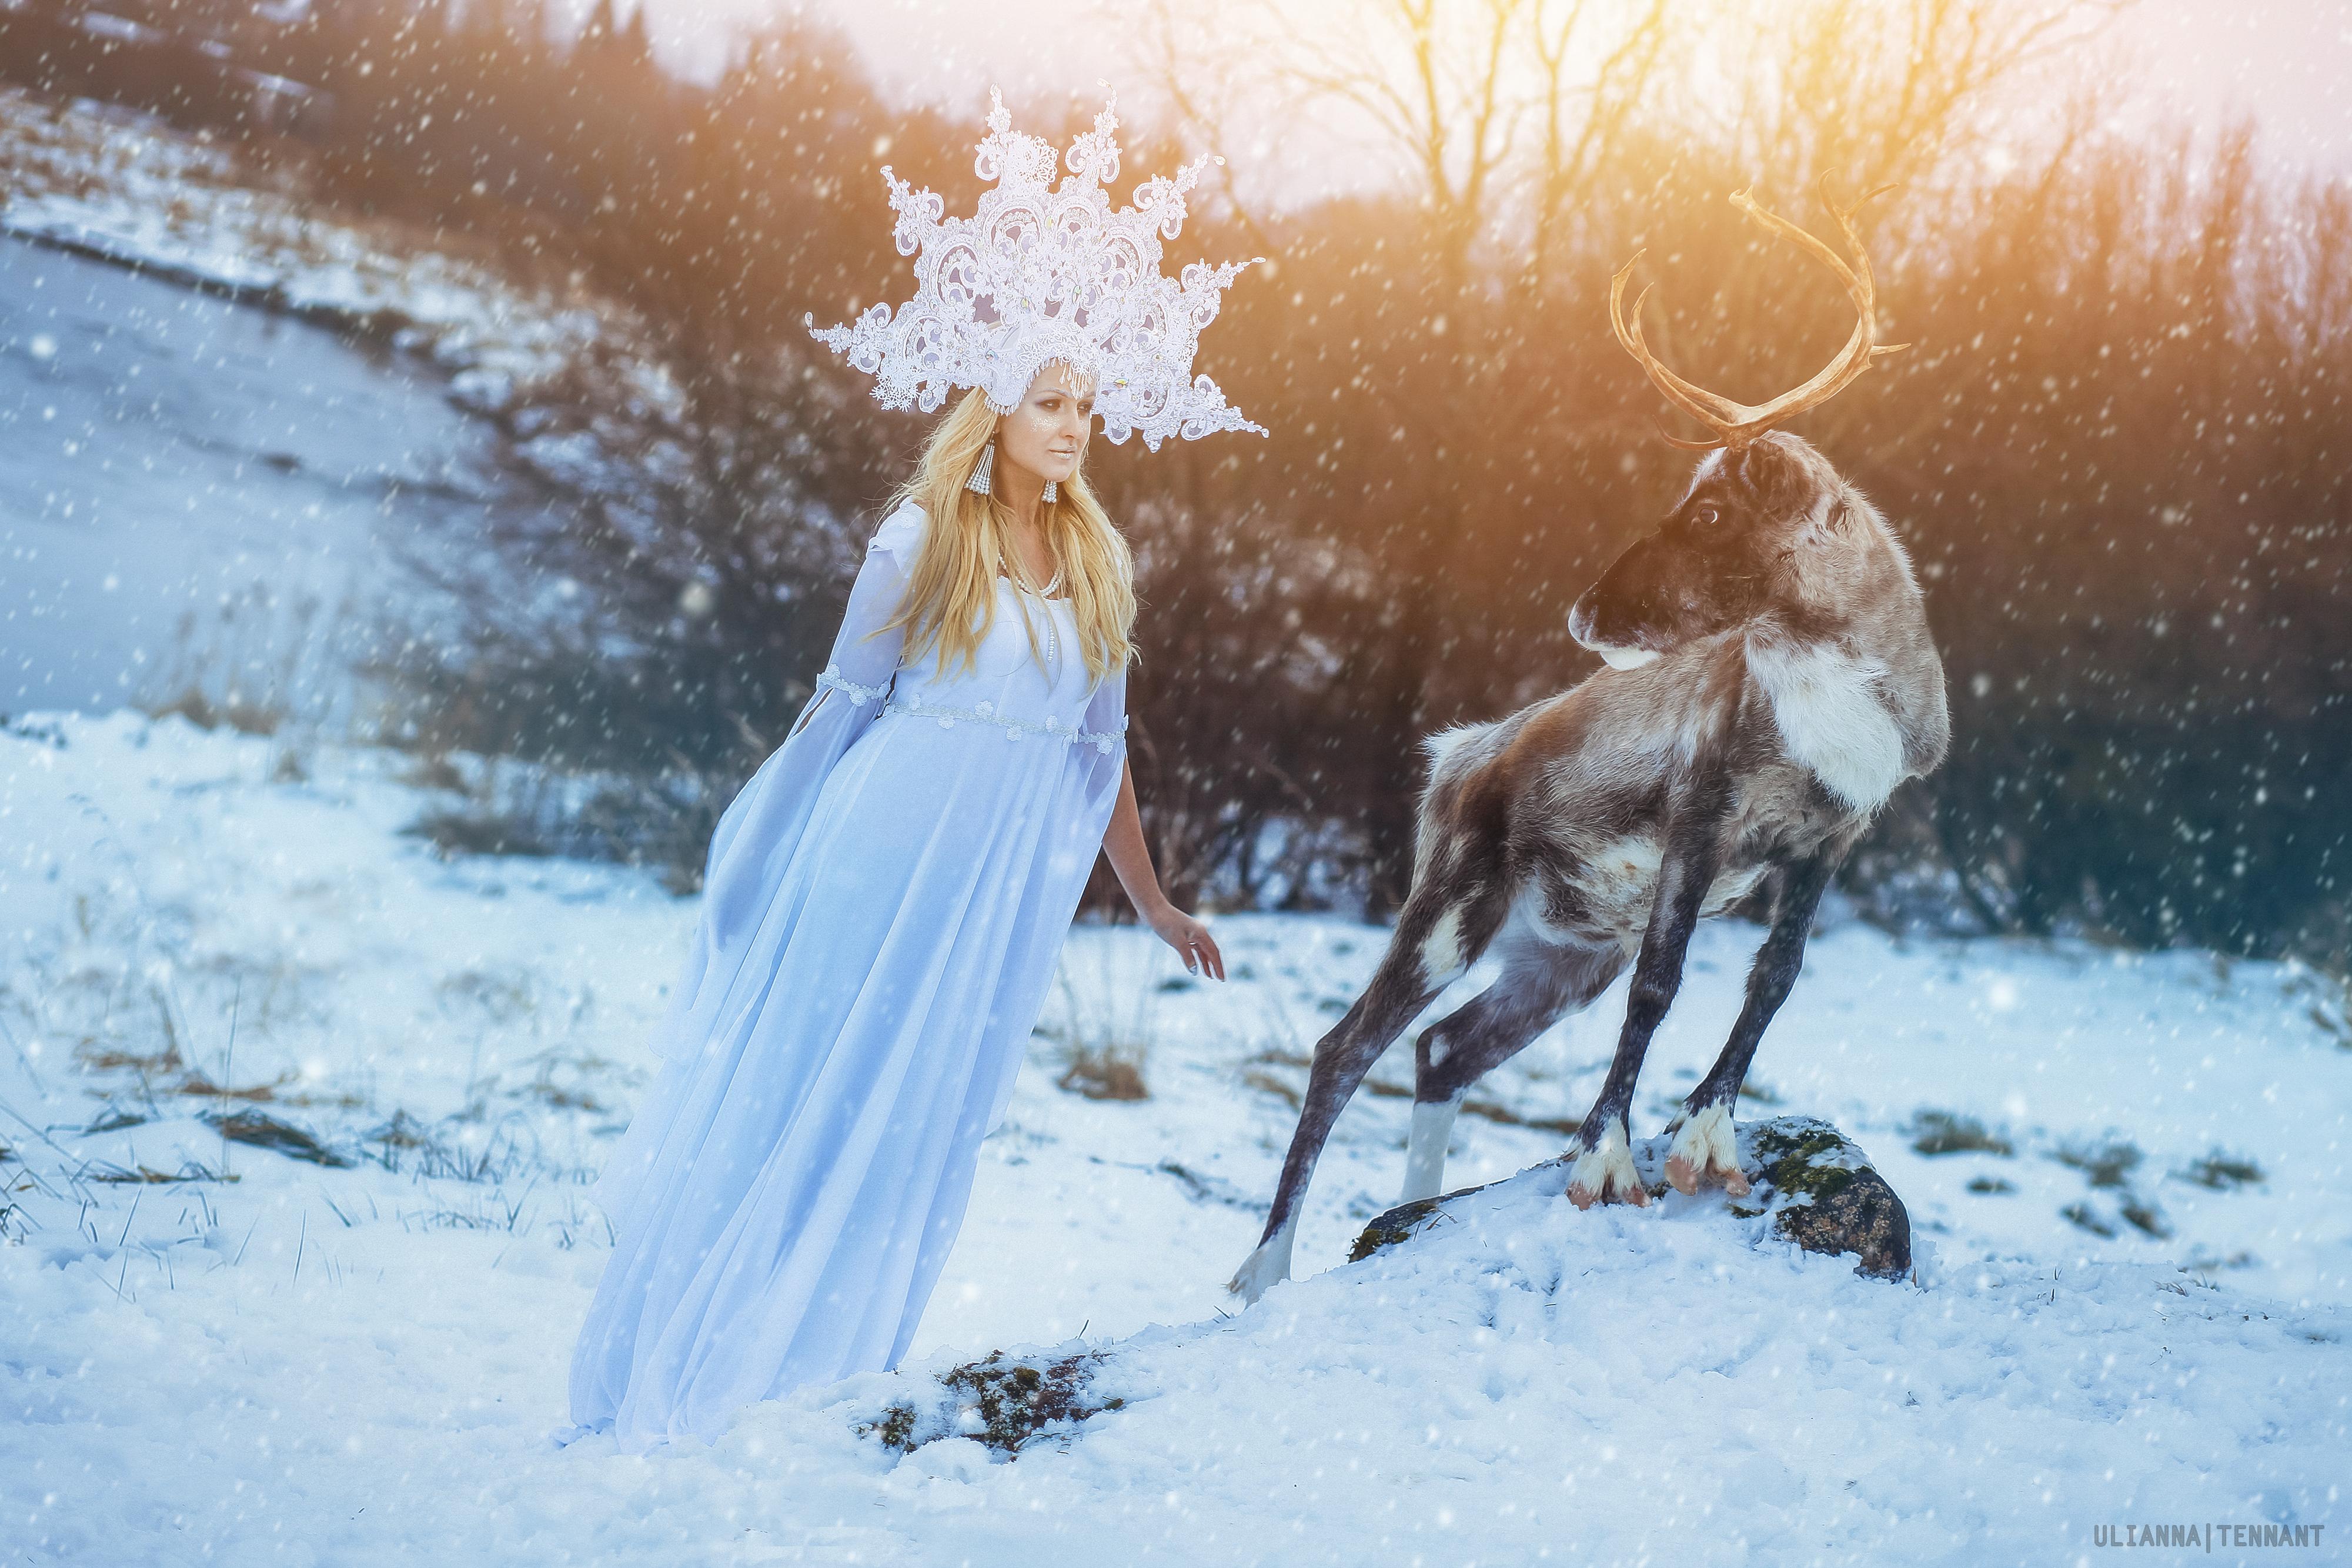 снежная королева в снегу с оленем